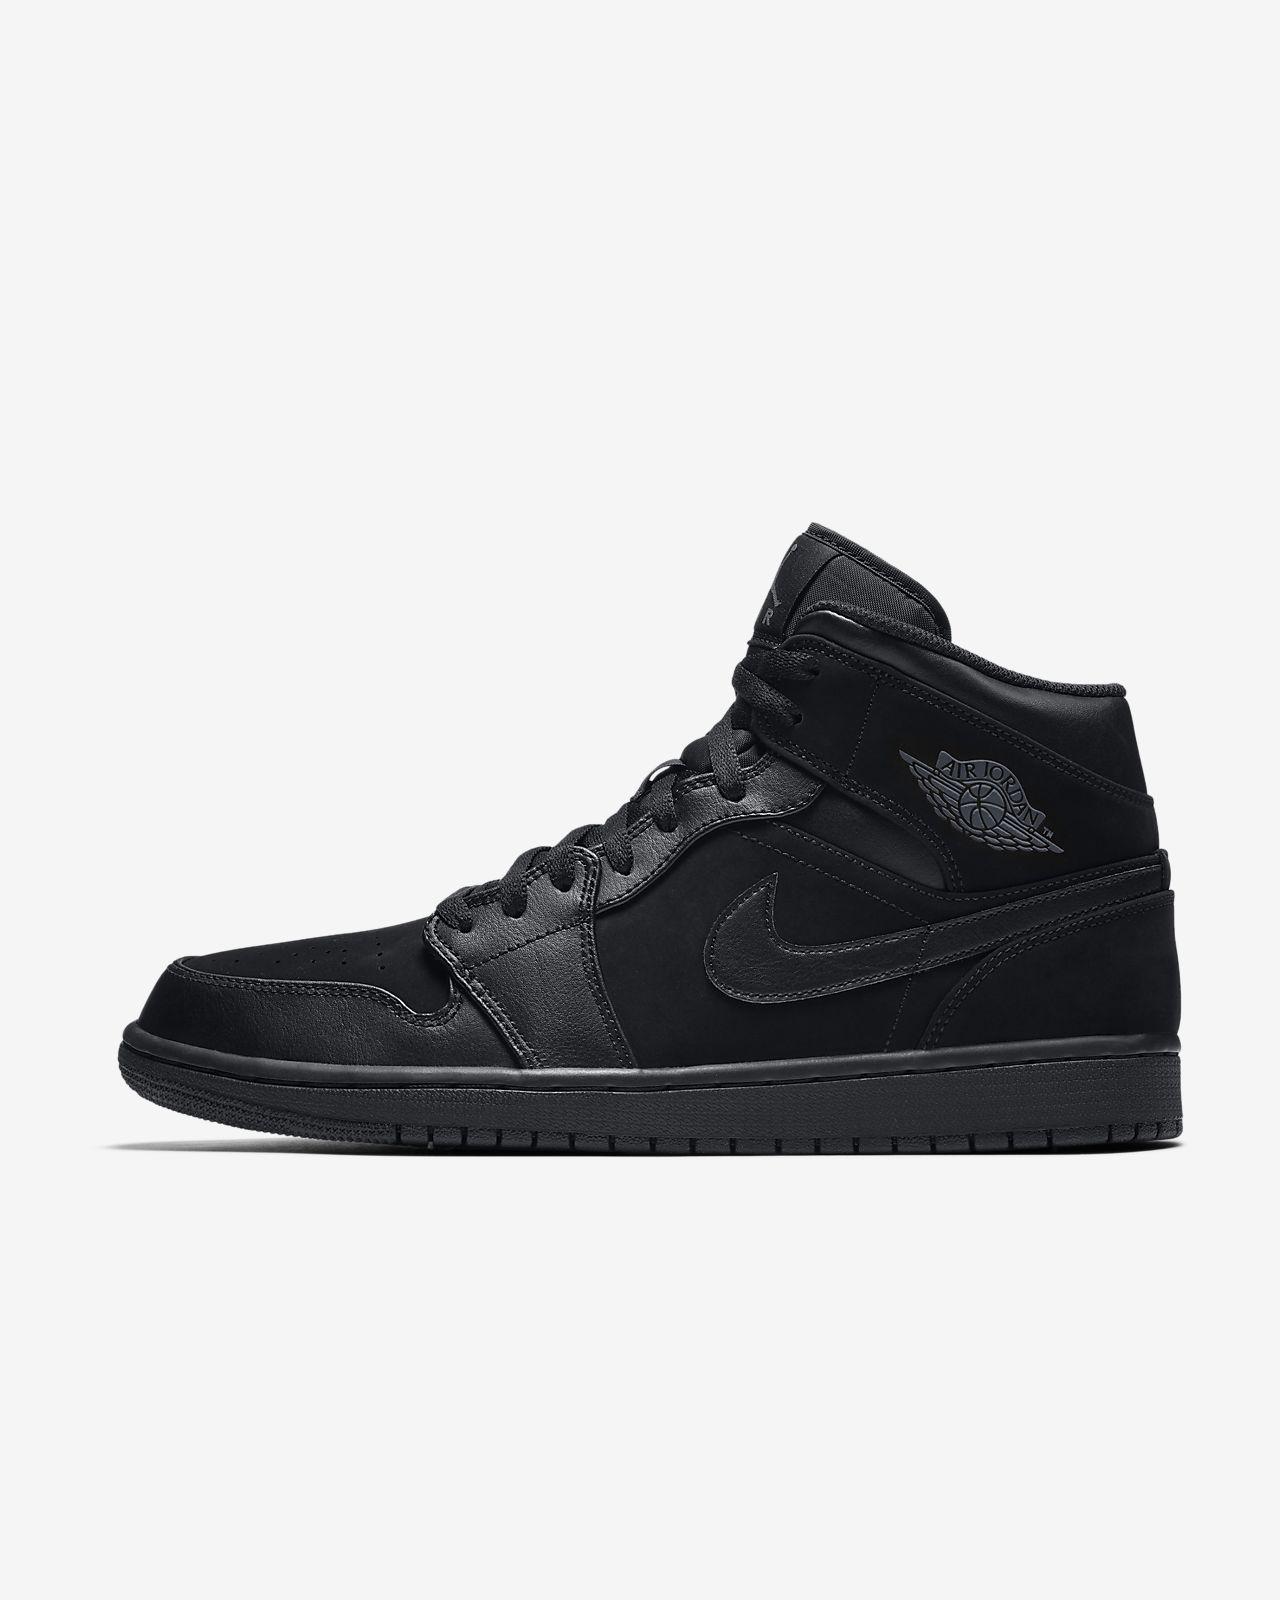 Air Jordan 1 Mid Zapatillas - Hombre